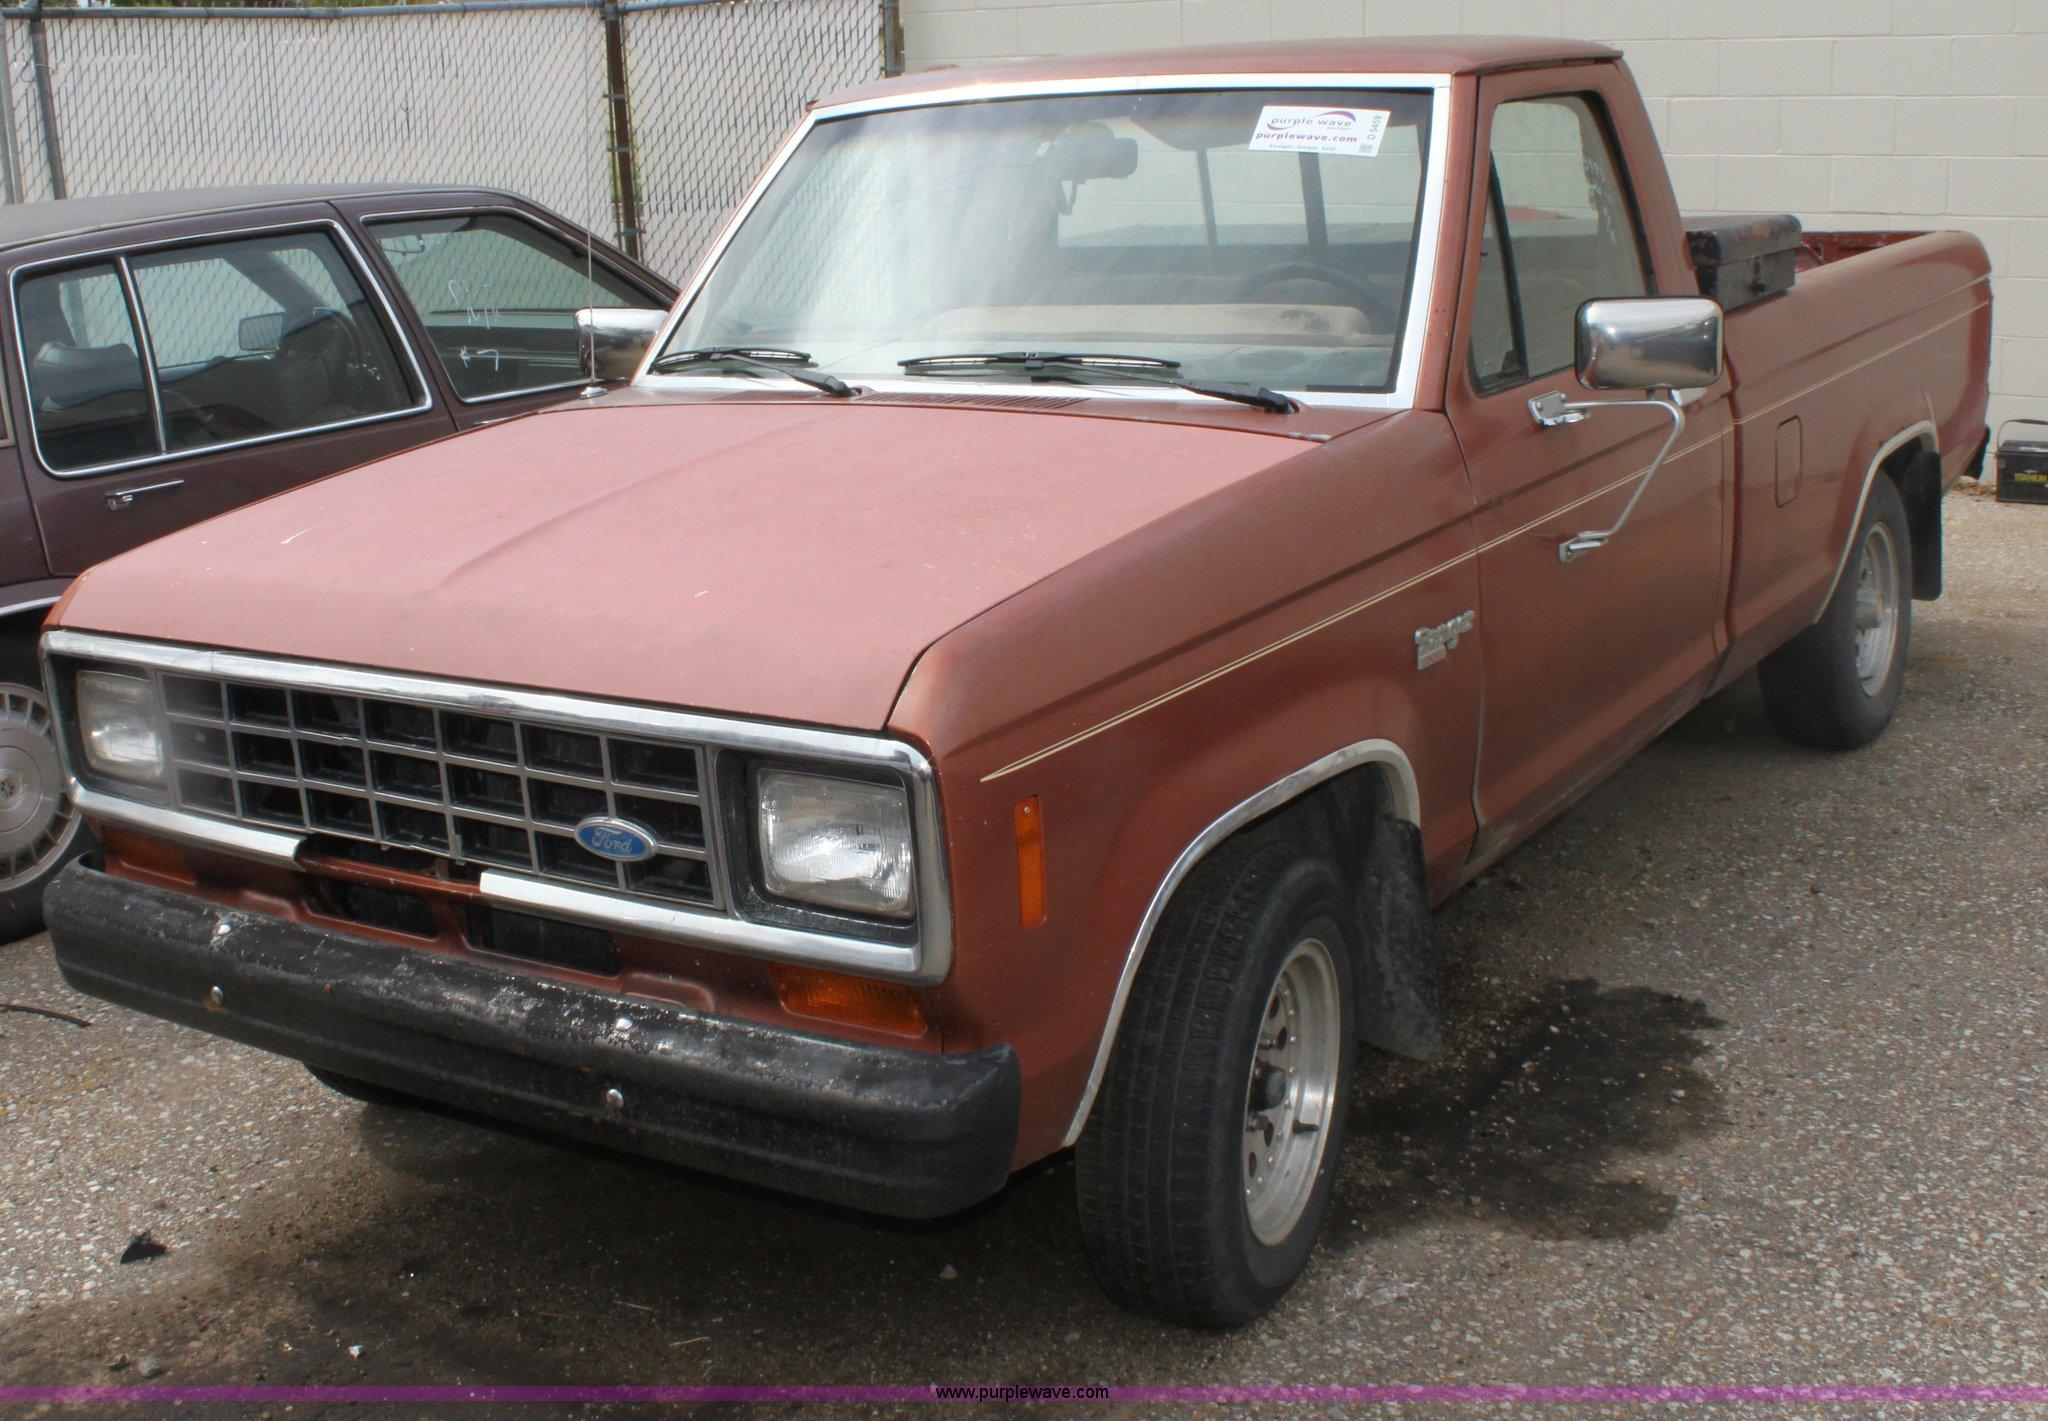 1984 ford ranger xl pickup truck item d5459 sold tuesda. Black Bedroom Furniture Sets. Home Design Ideas